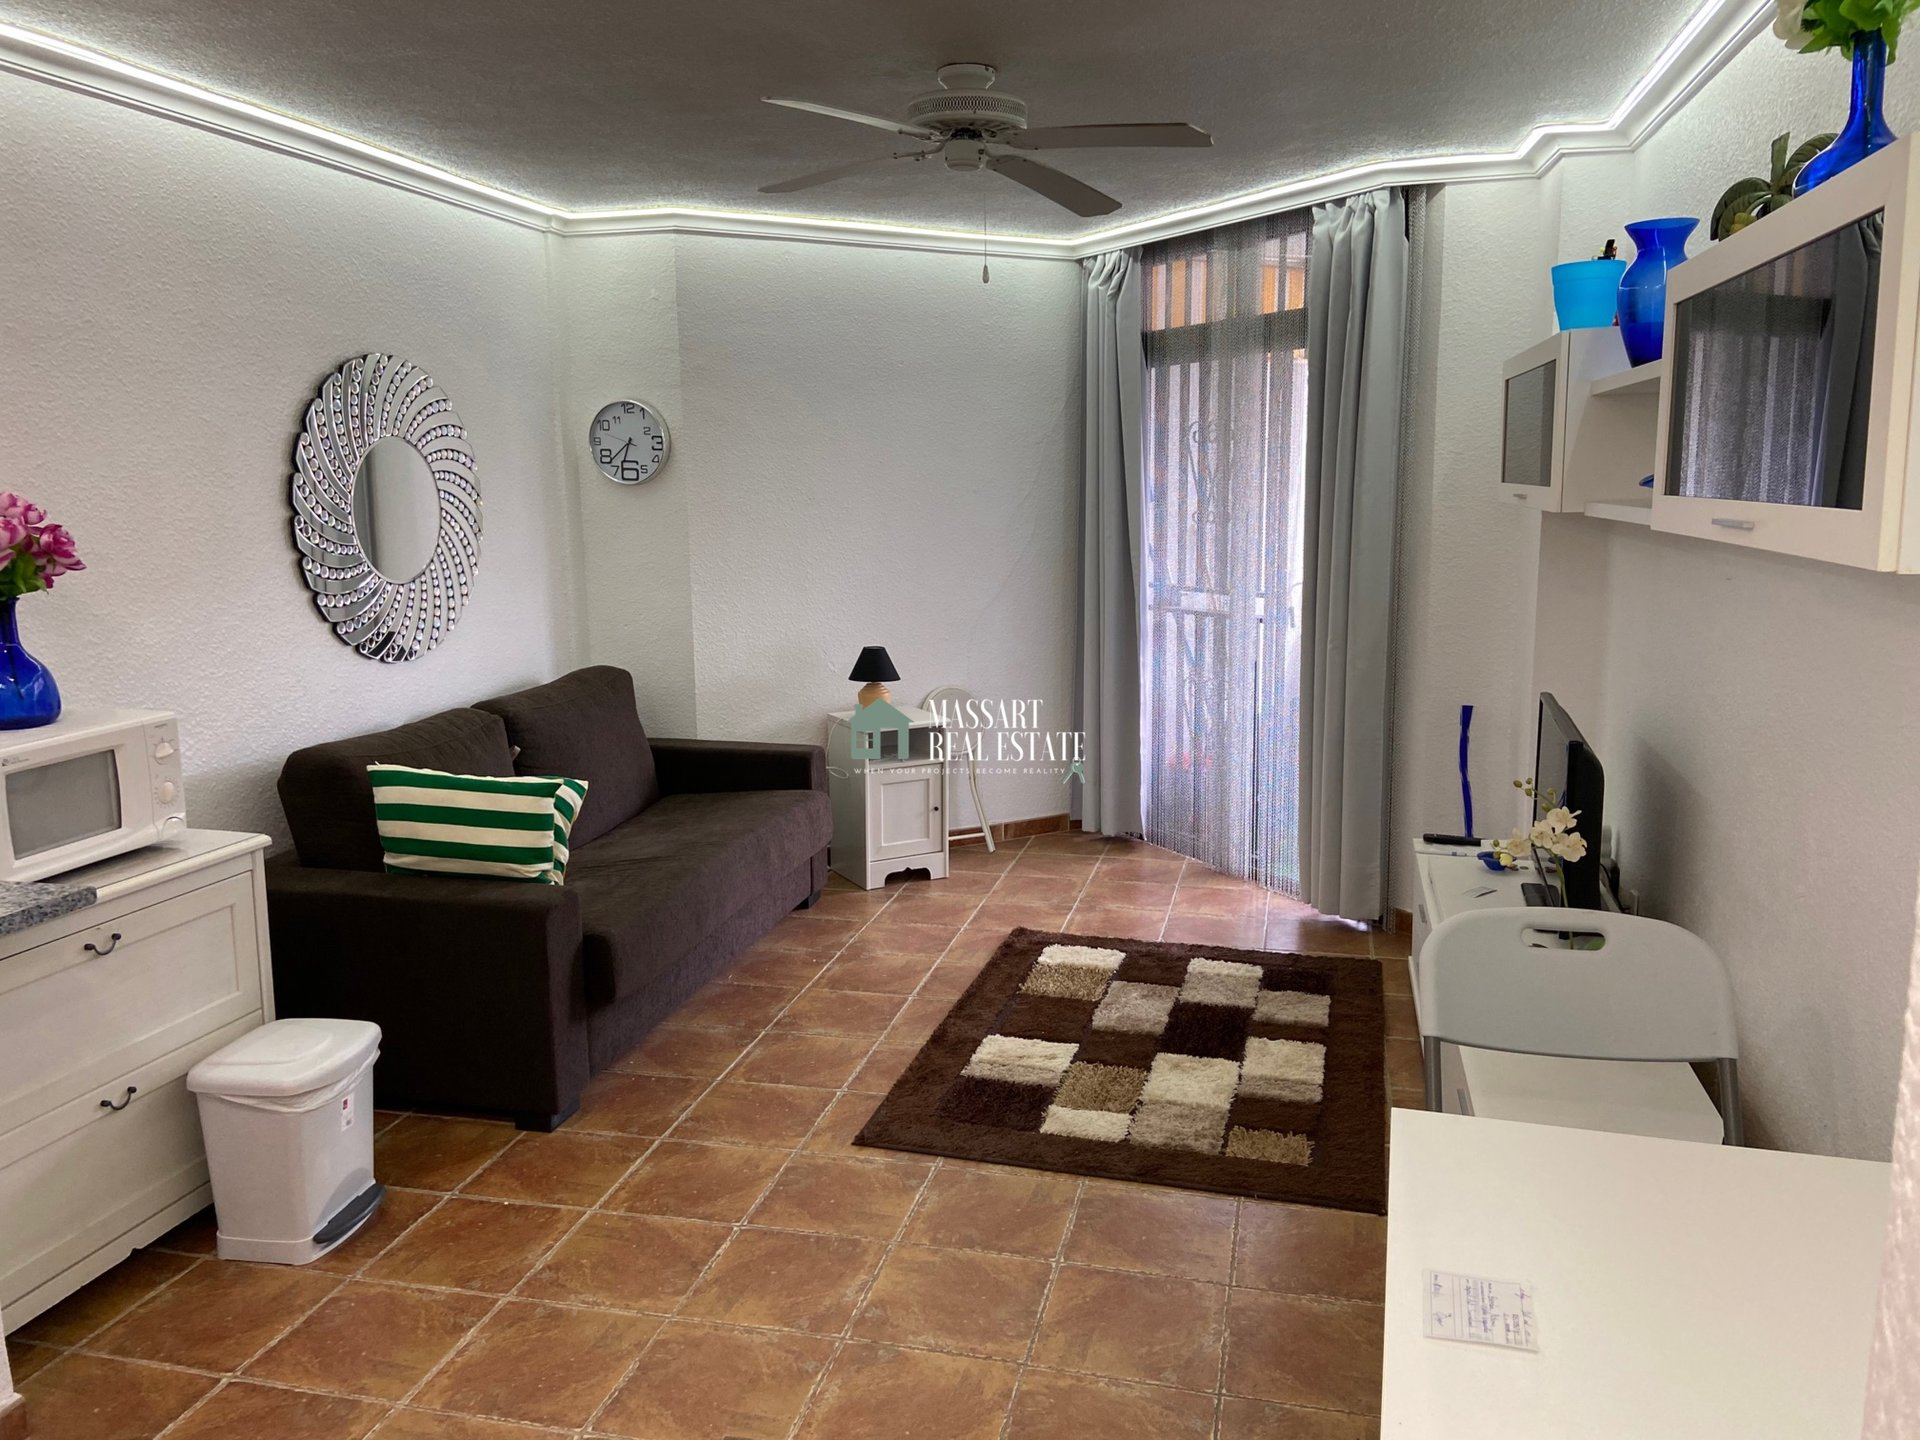 Studio confortable entièrement rénové dans le centre de Los Cristianos, dans le complexe résidentiel Summerland.